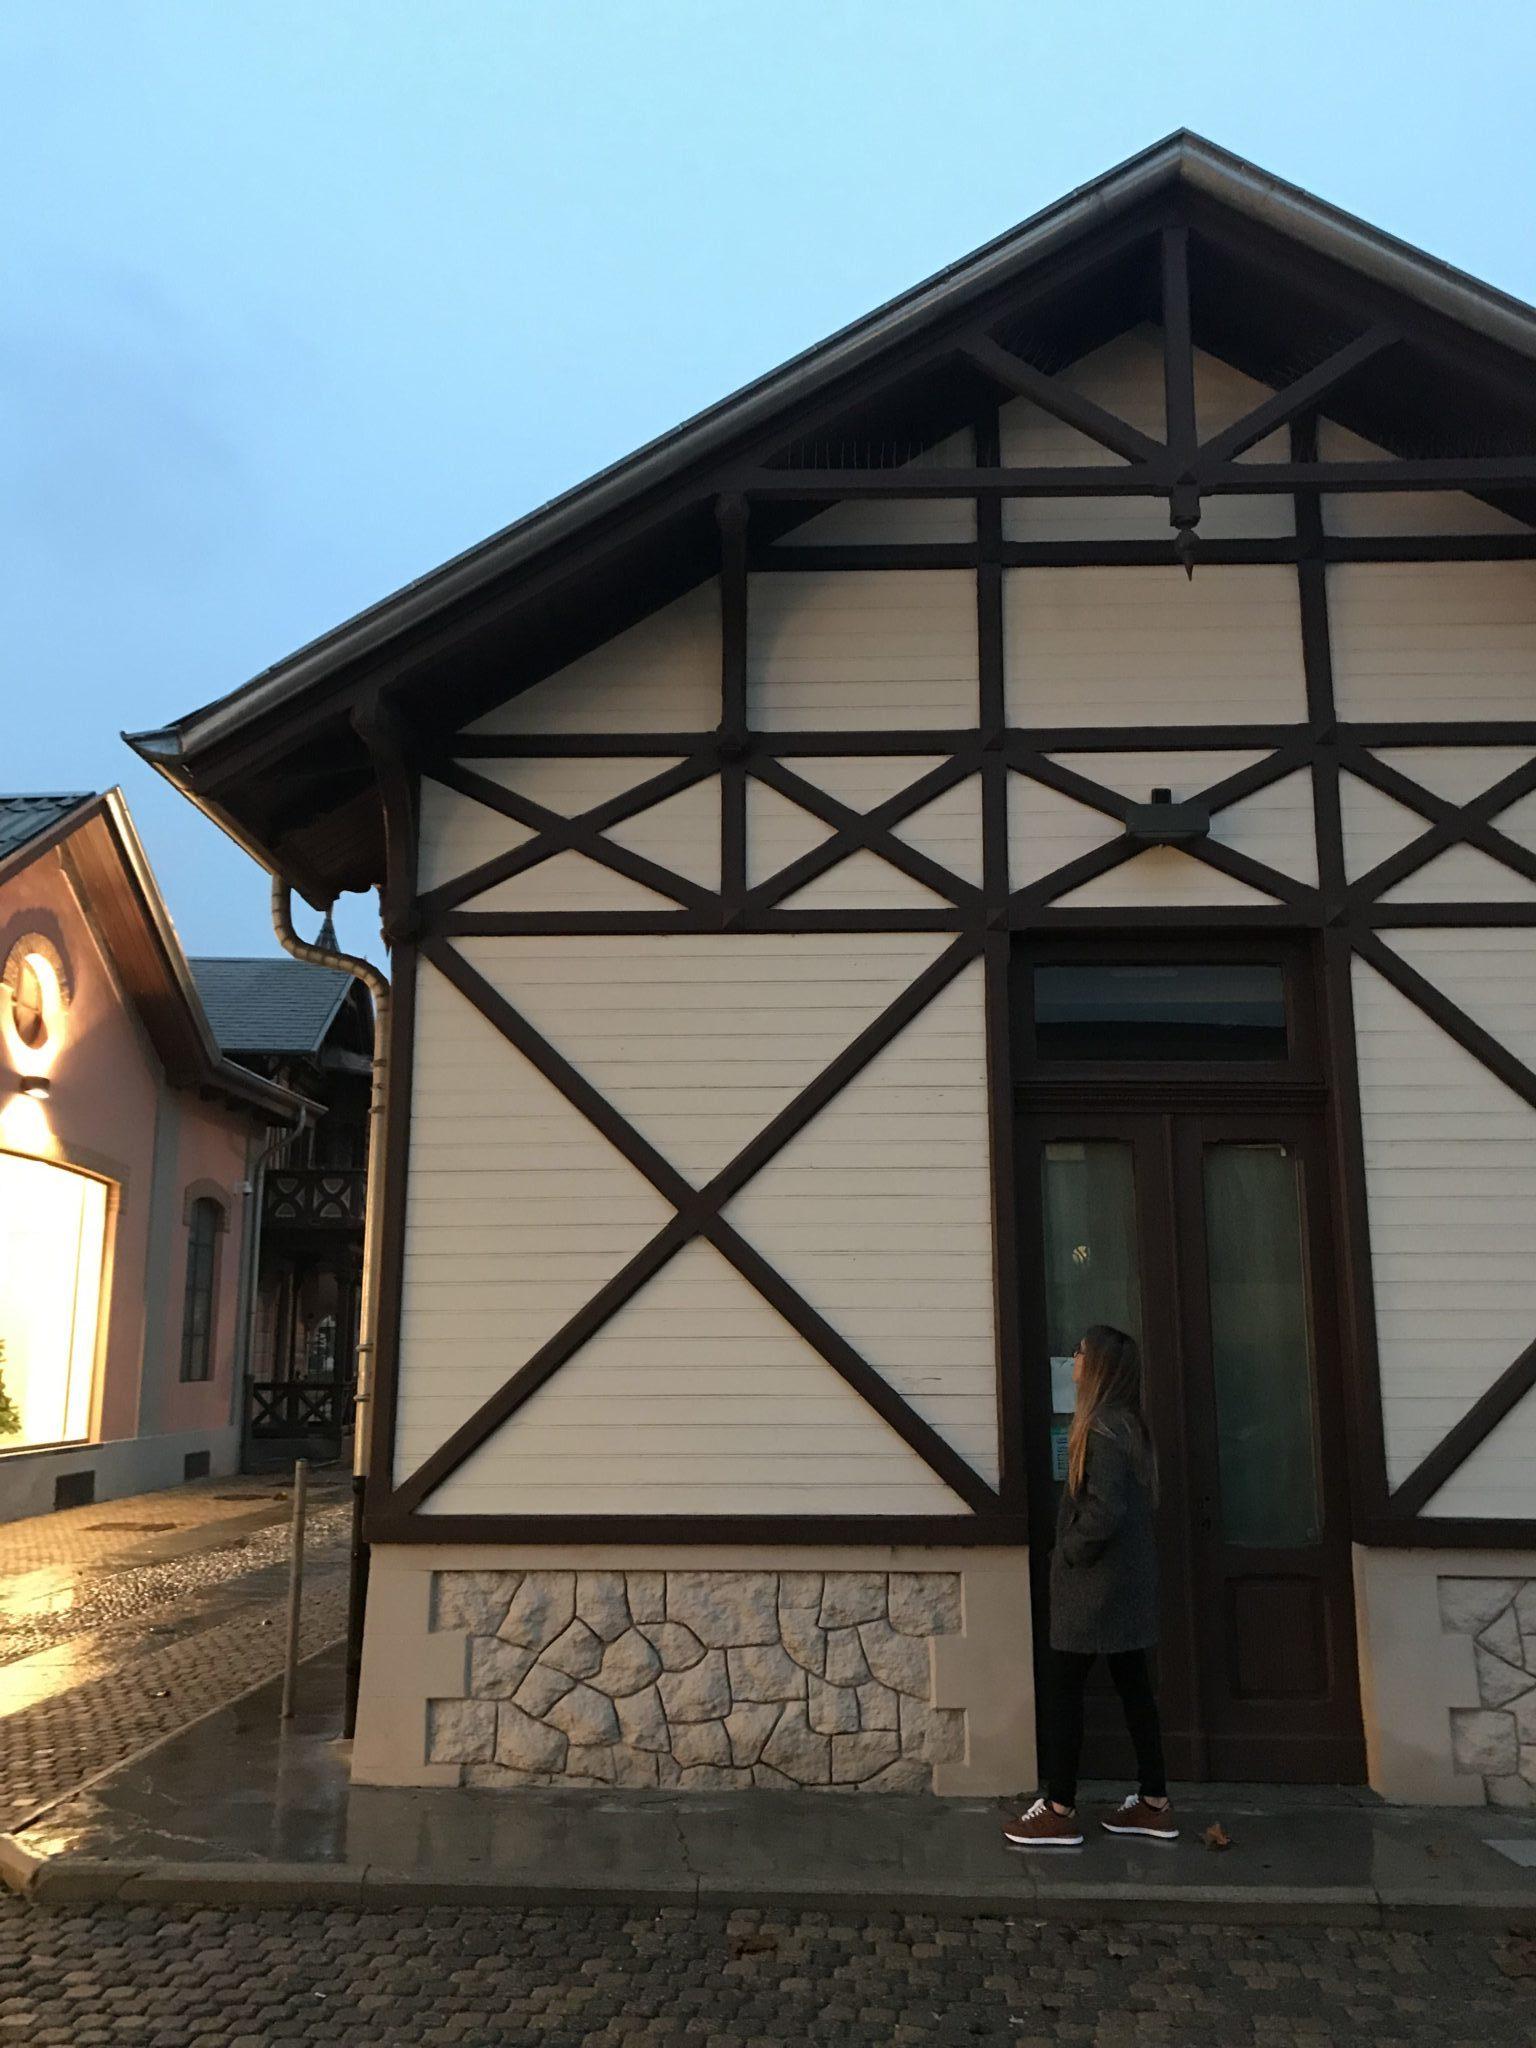 Nell'800, l'imprenditore svizzero Napoleone Leumann costruì a Collegno un cotonificio e villaggio operaio: il Villaggio Leumann. La nostra visita guidata